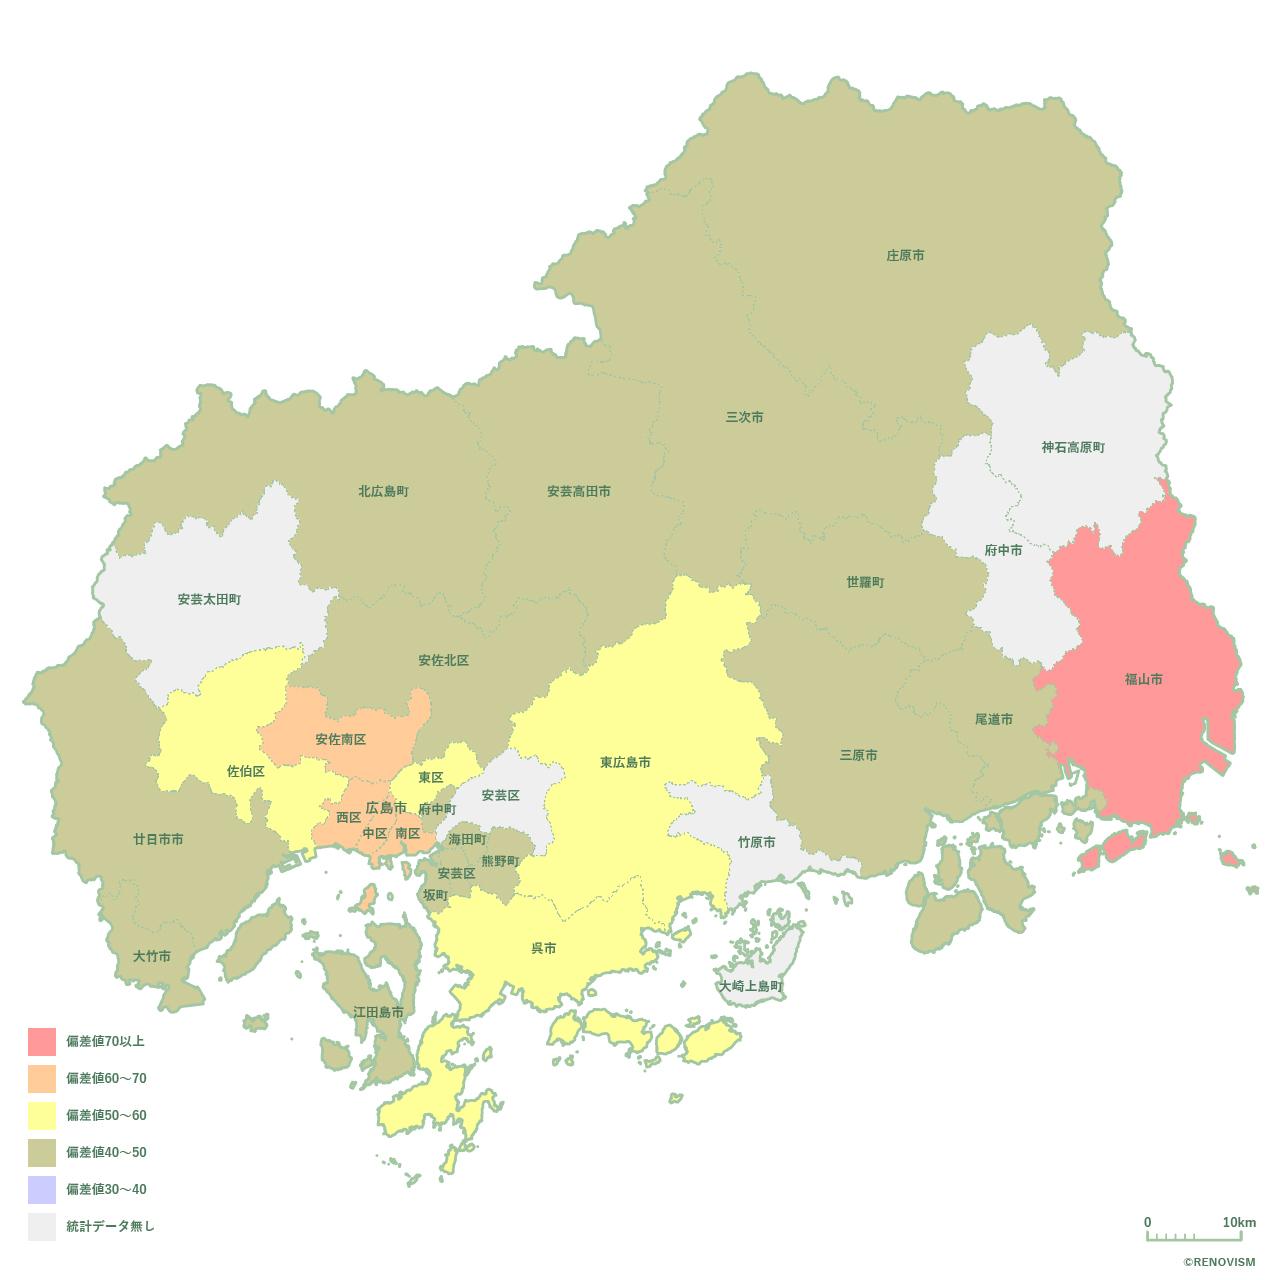 広島県の賃貸需要マップ2020年